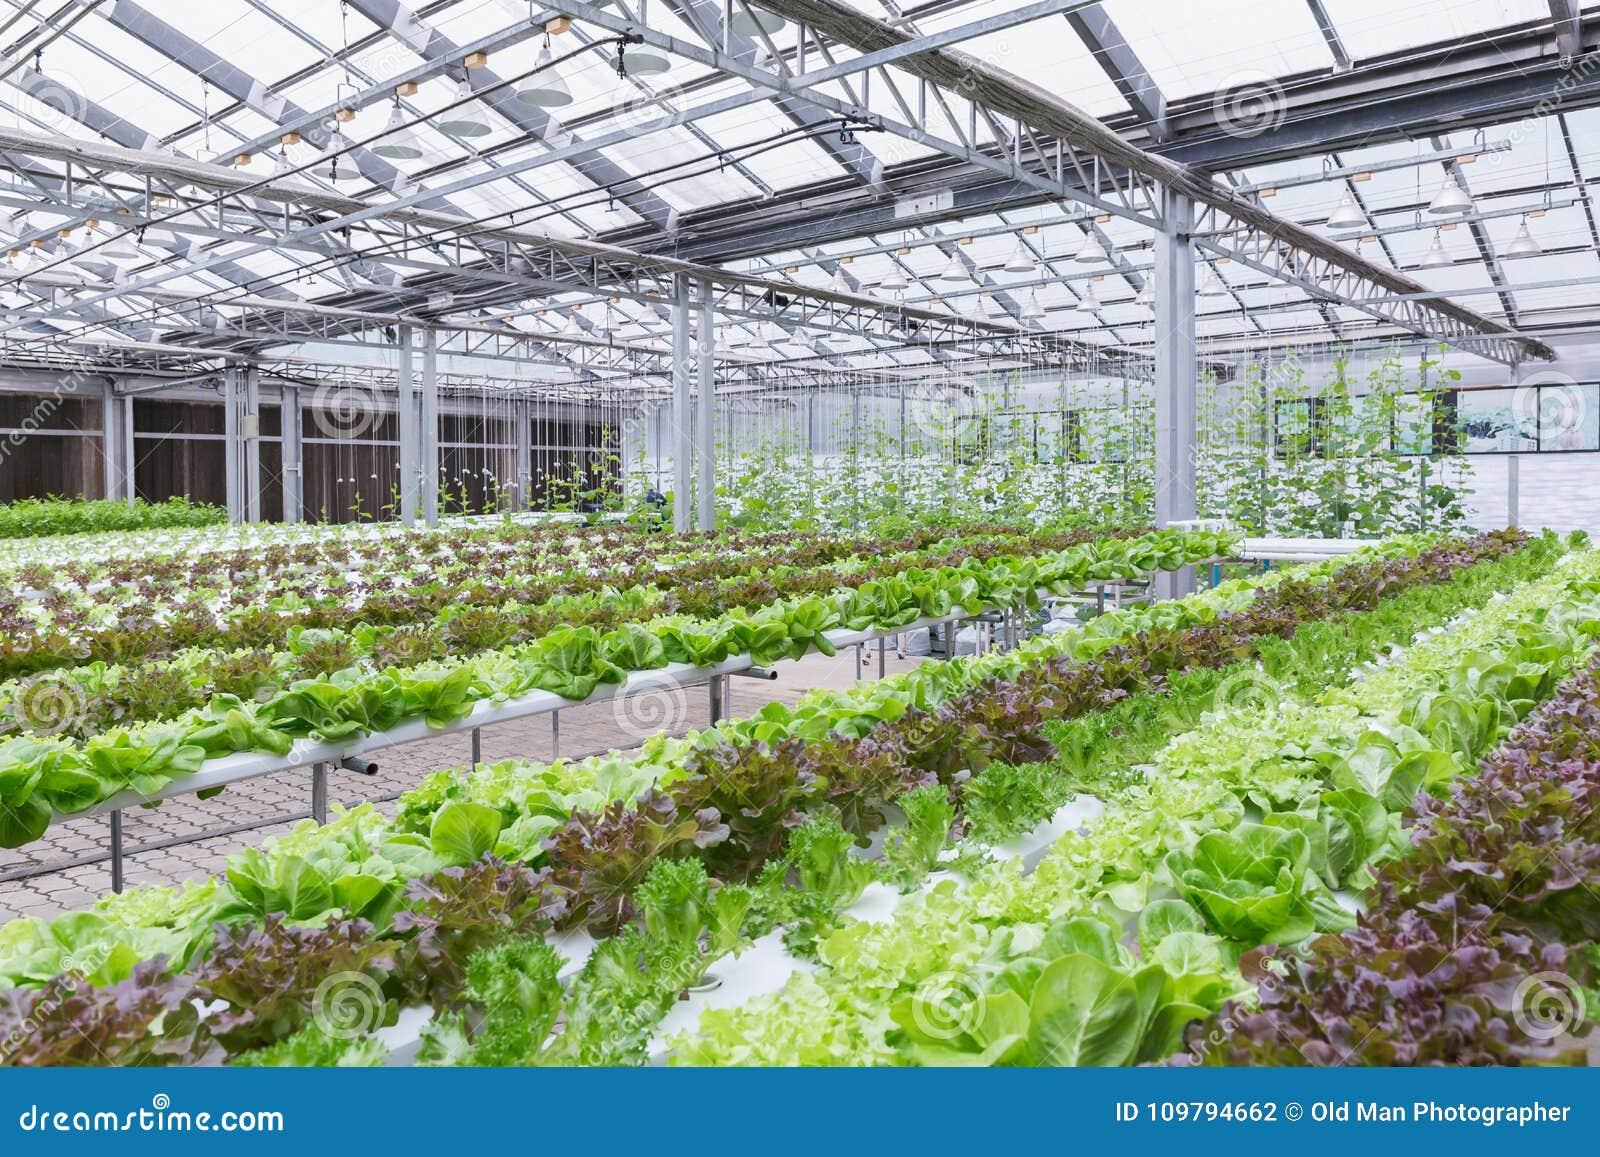 Hydrokulturväxthus Organisk grön grönsaksallad i hydrokulturlantgården för hälso-, mat- och jordbrukbegreppsdesign